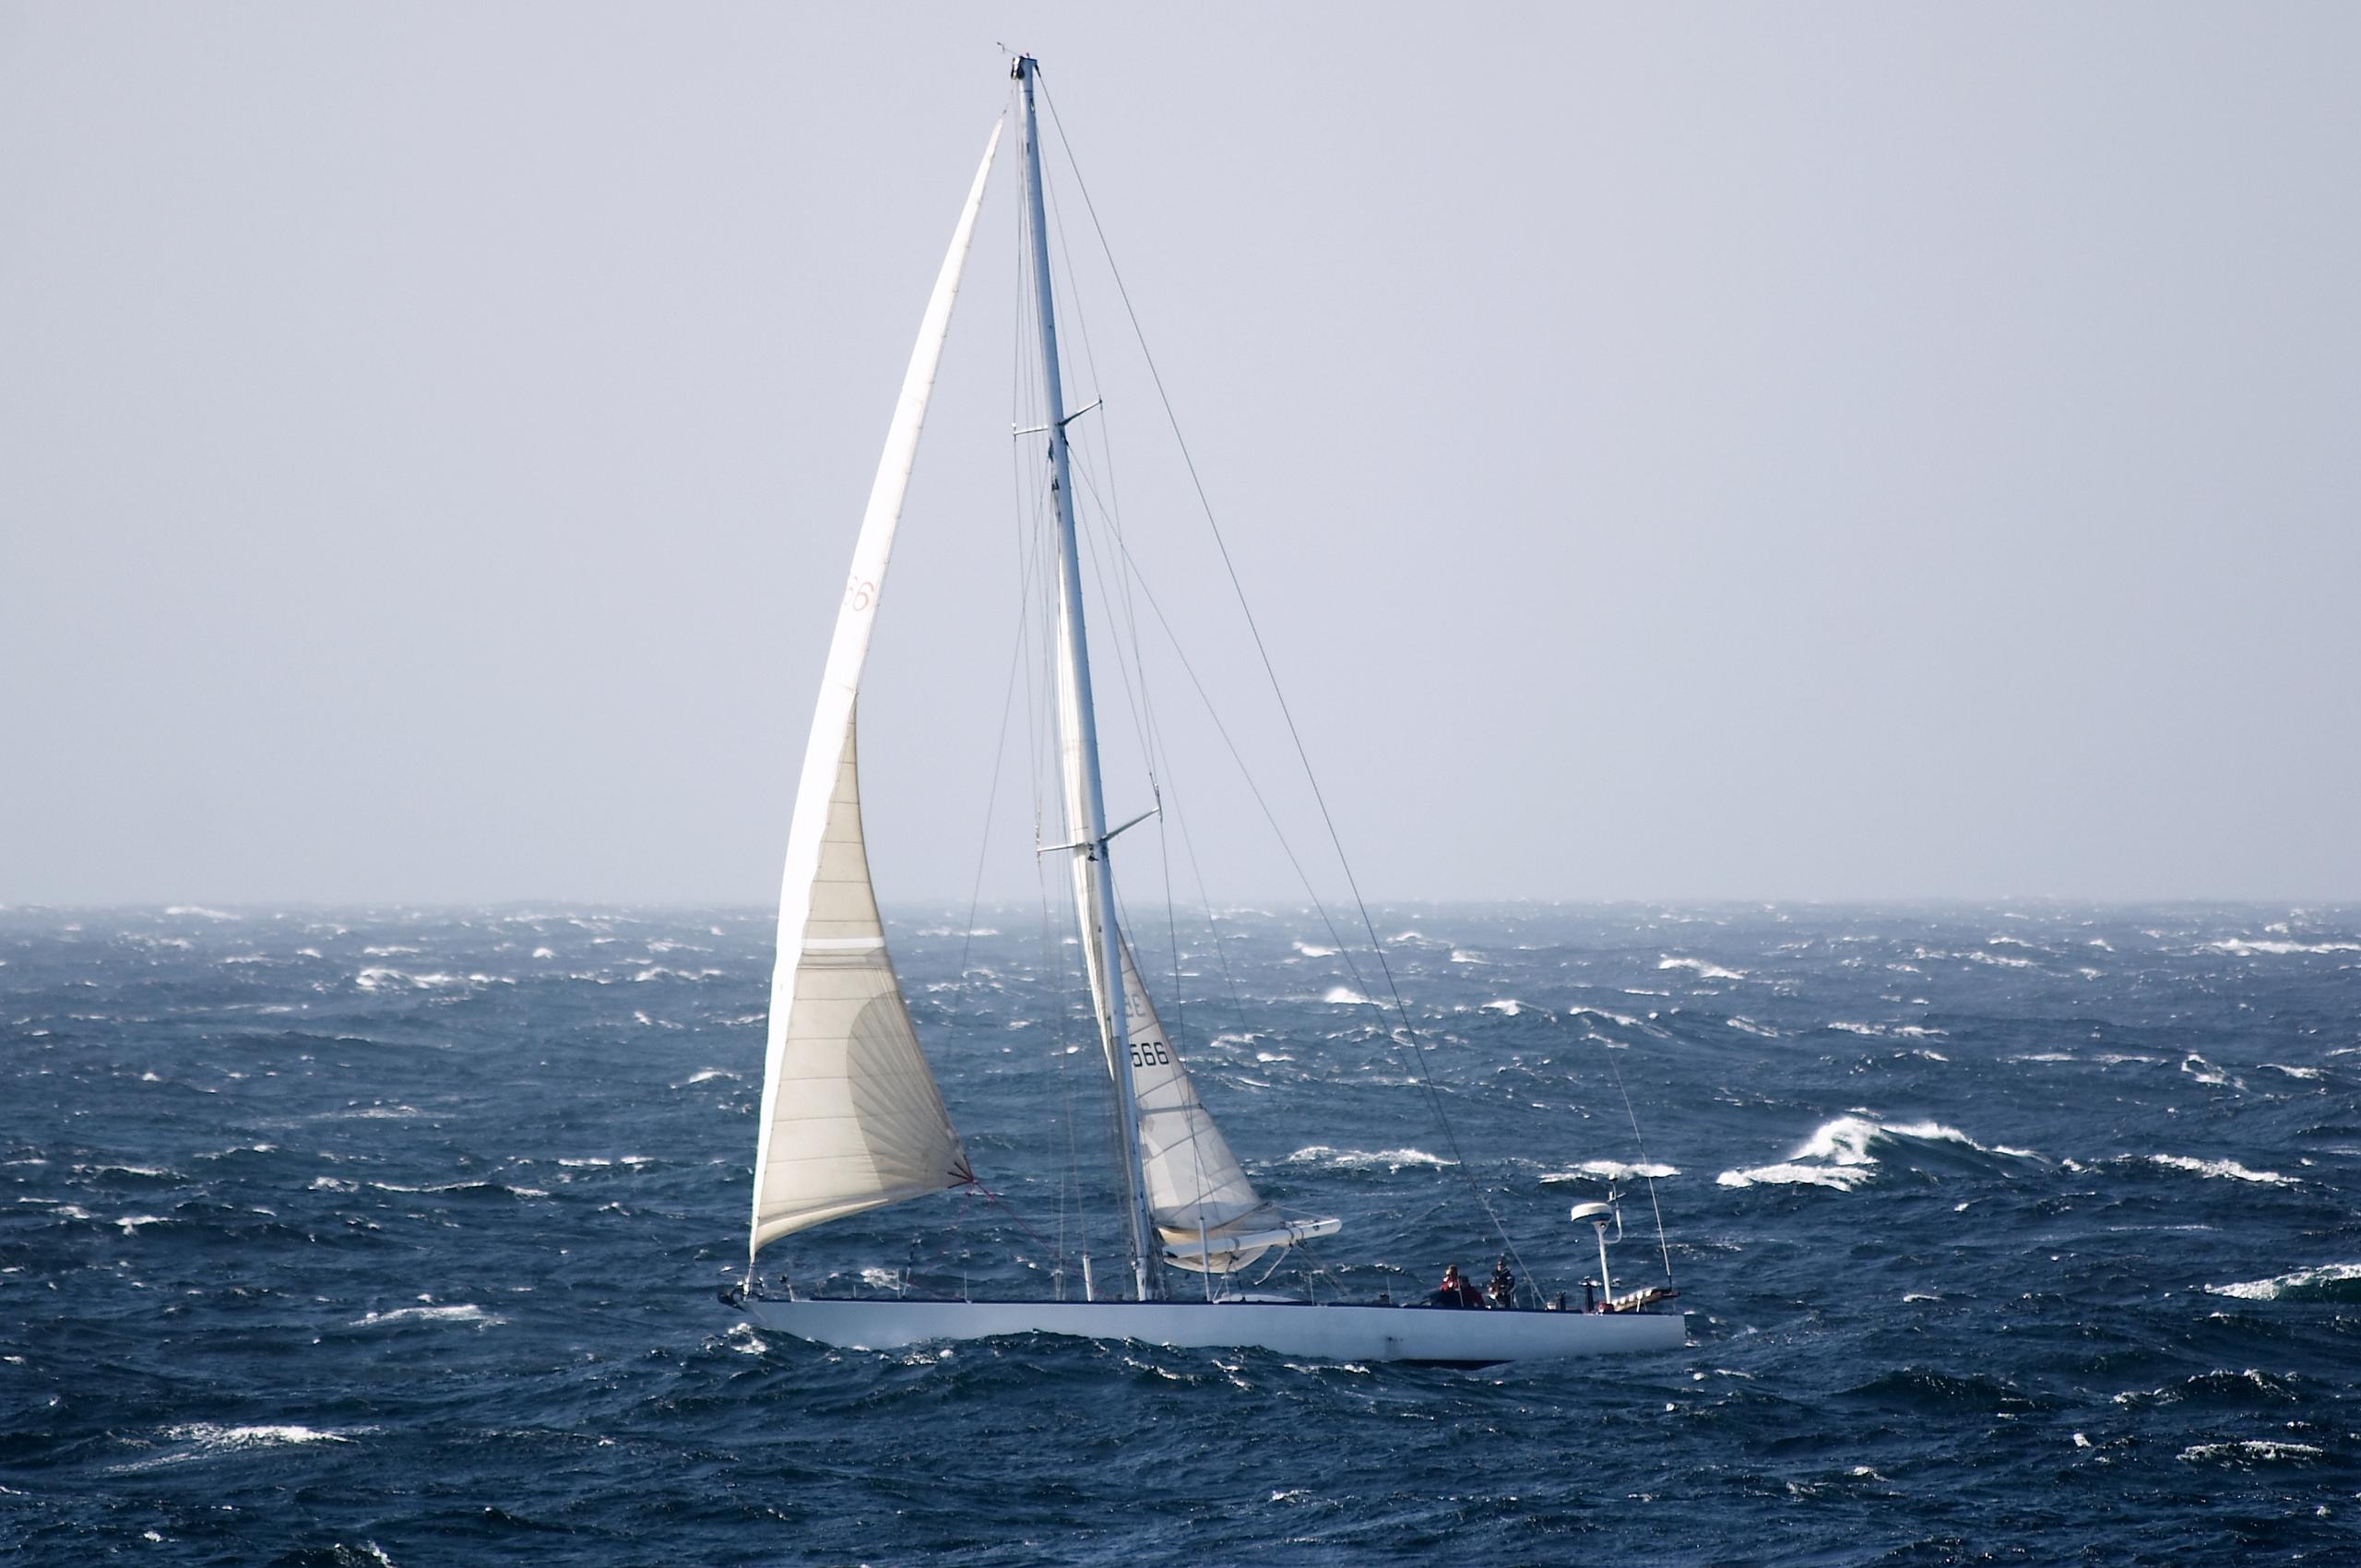 a boat sailing in the Atlantic ocean